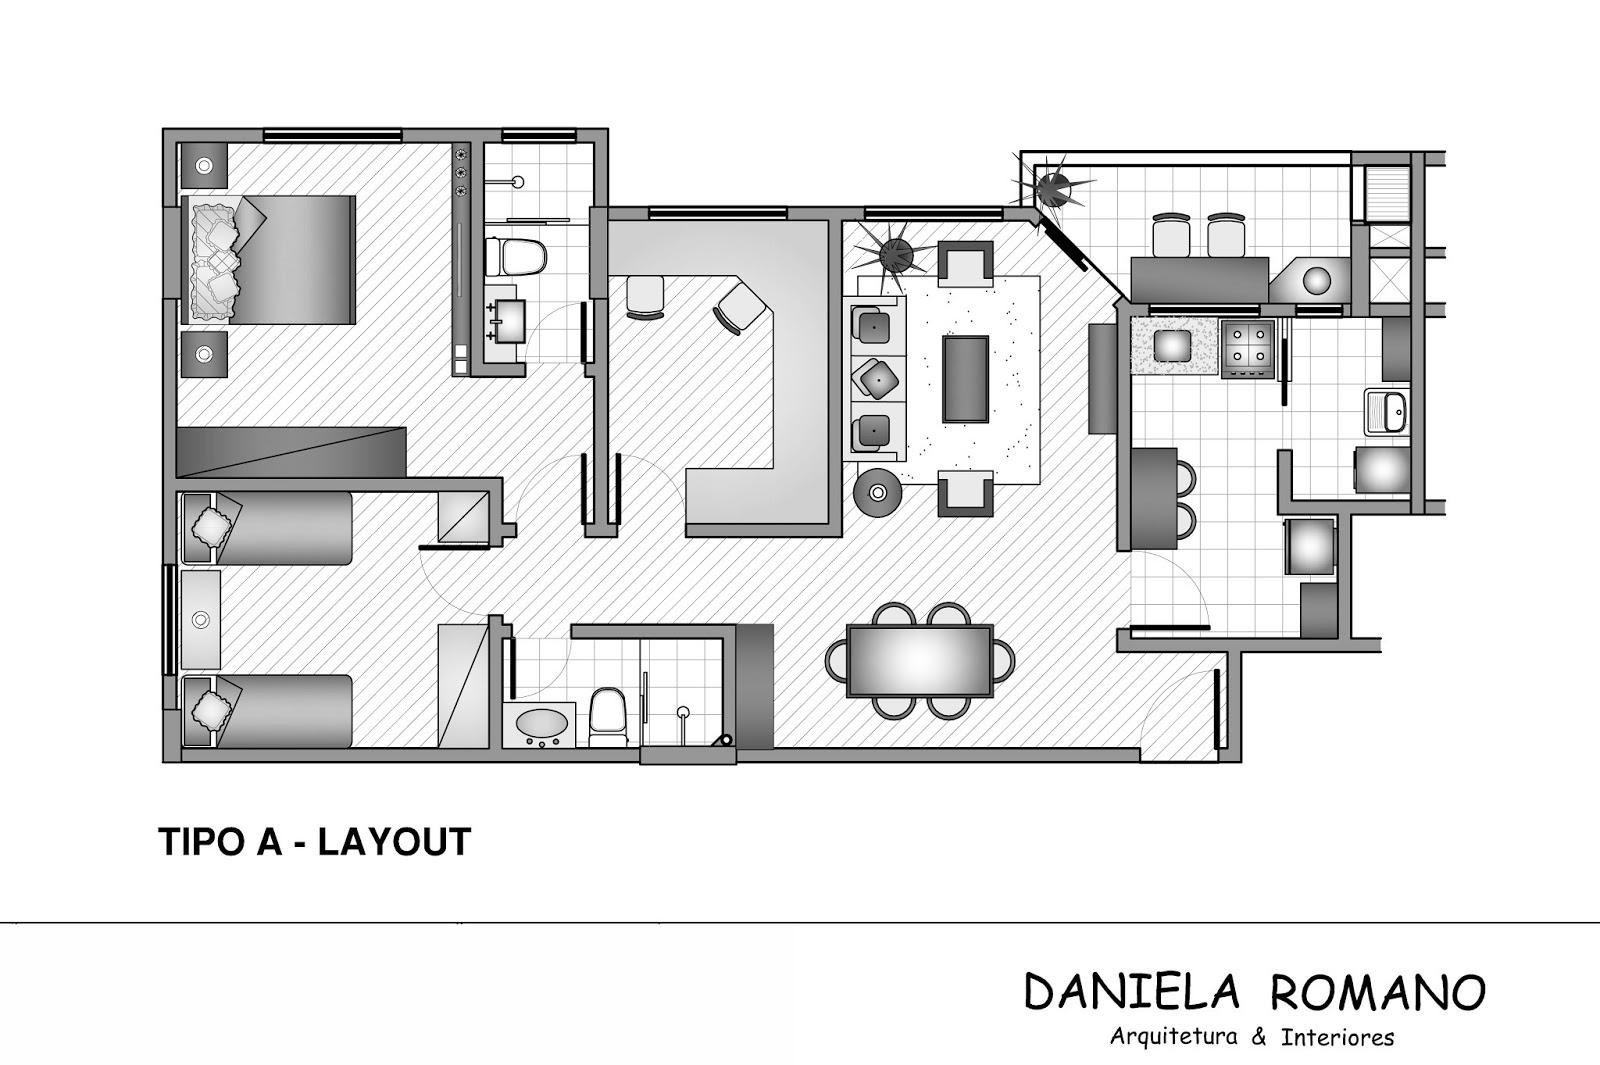 Já para os projetos de Design de Interiores o layout é que é o  #3C3C3C 1600 1065